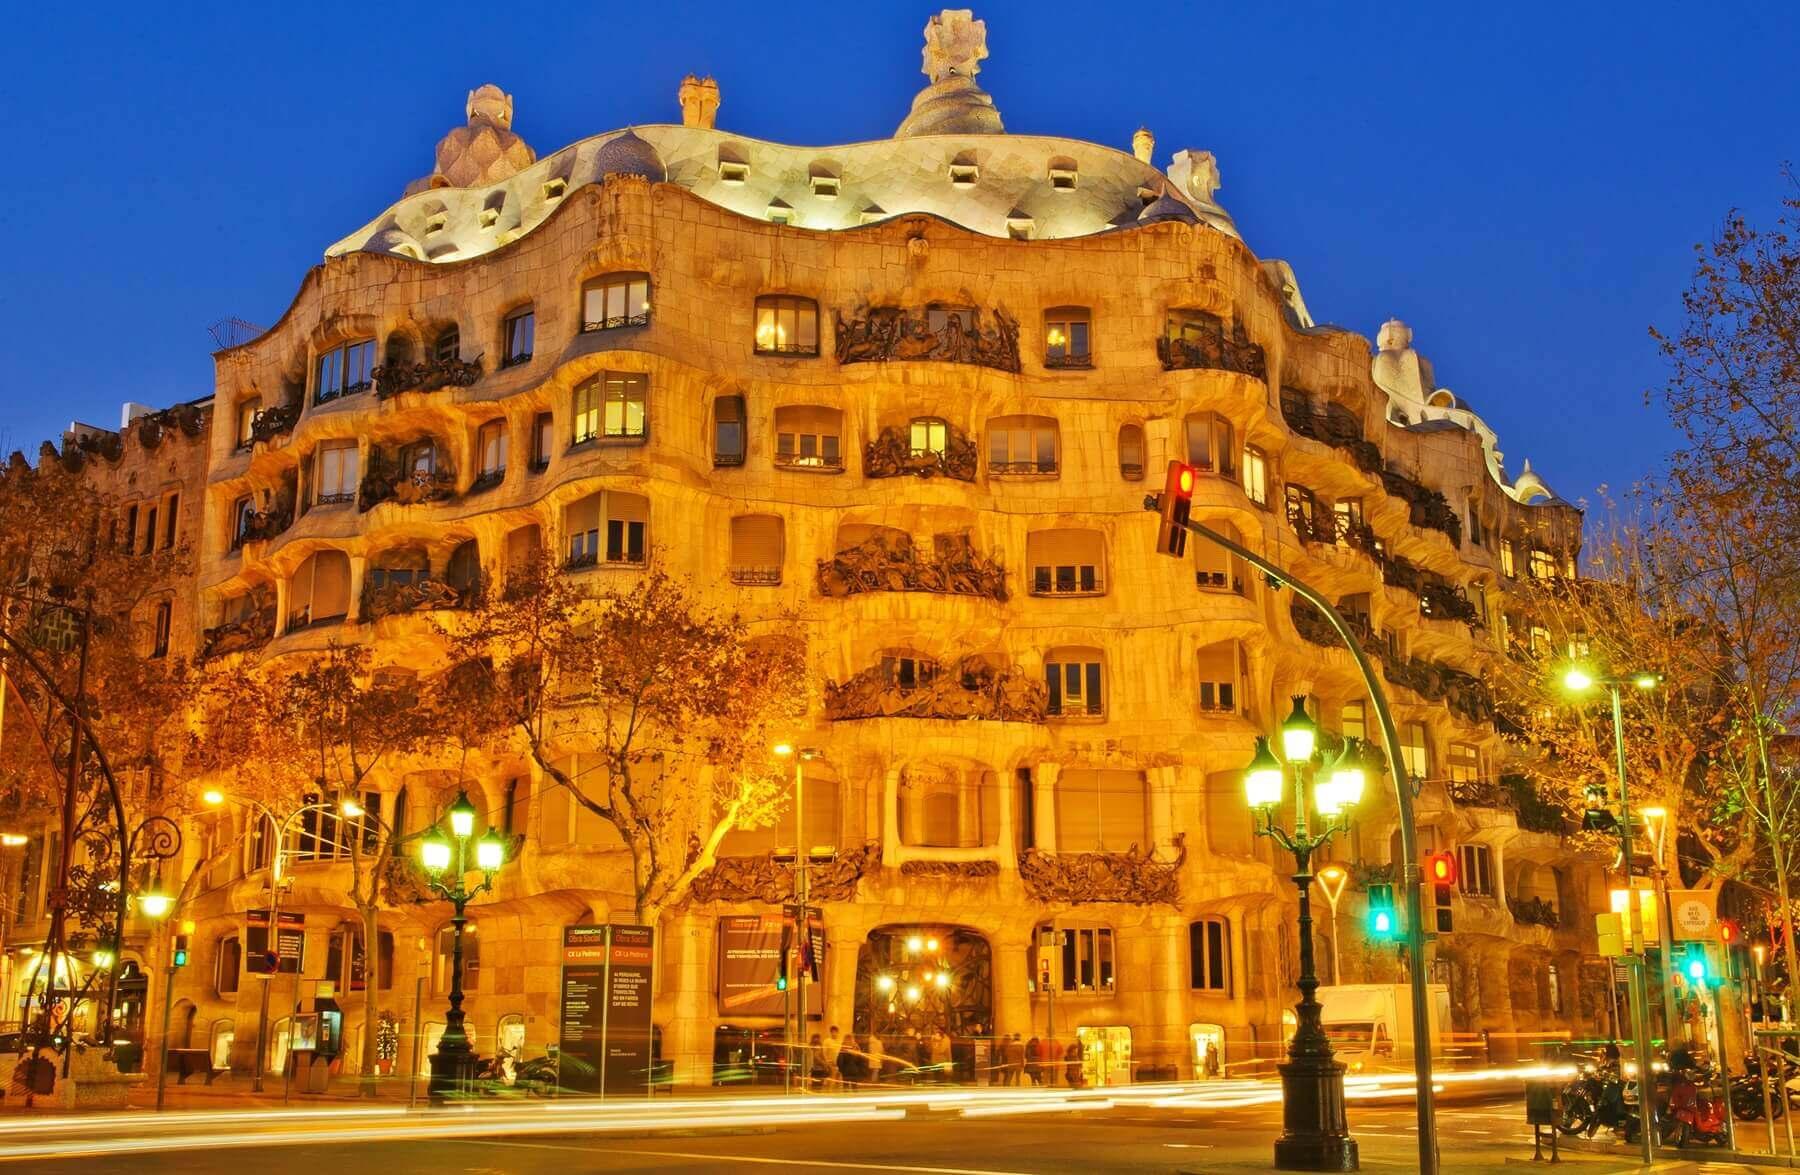 Vister Barcelone La Casa Mila